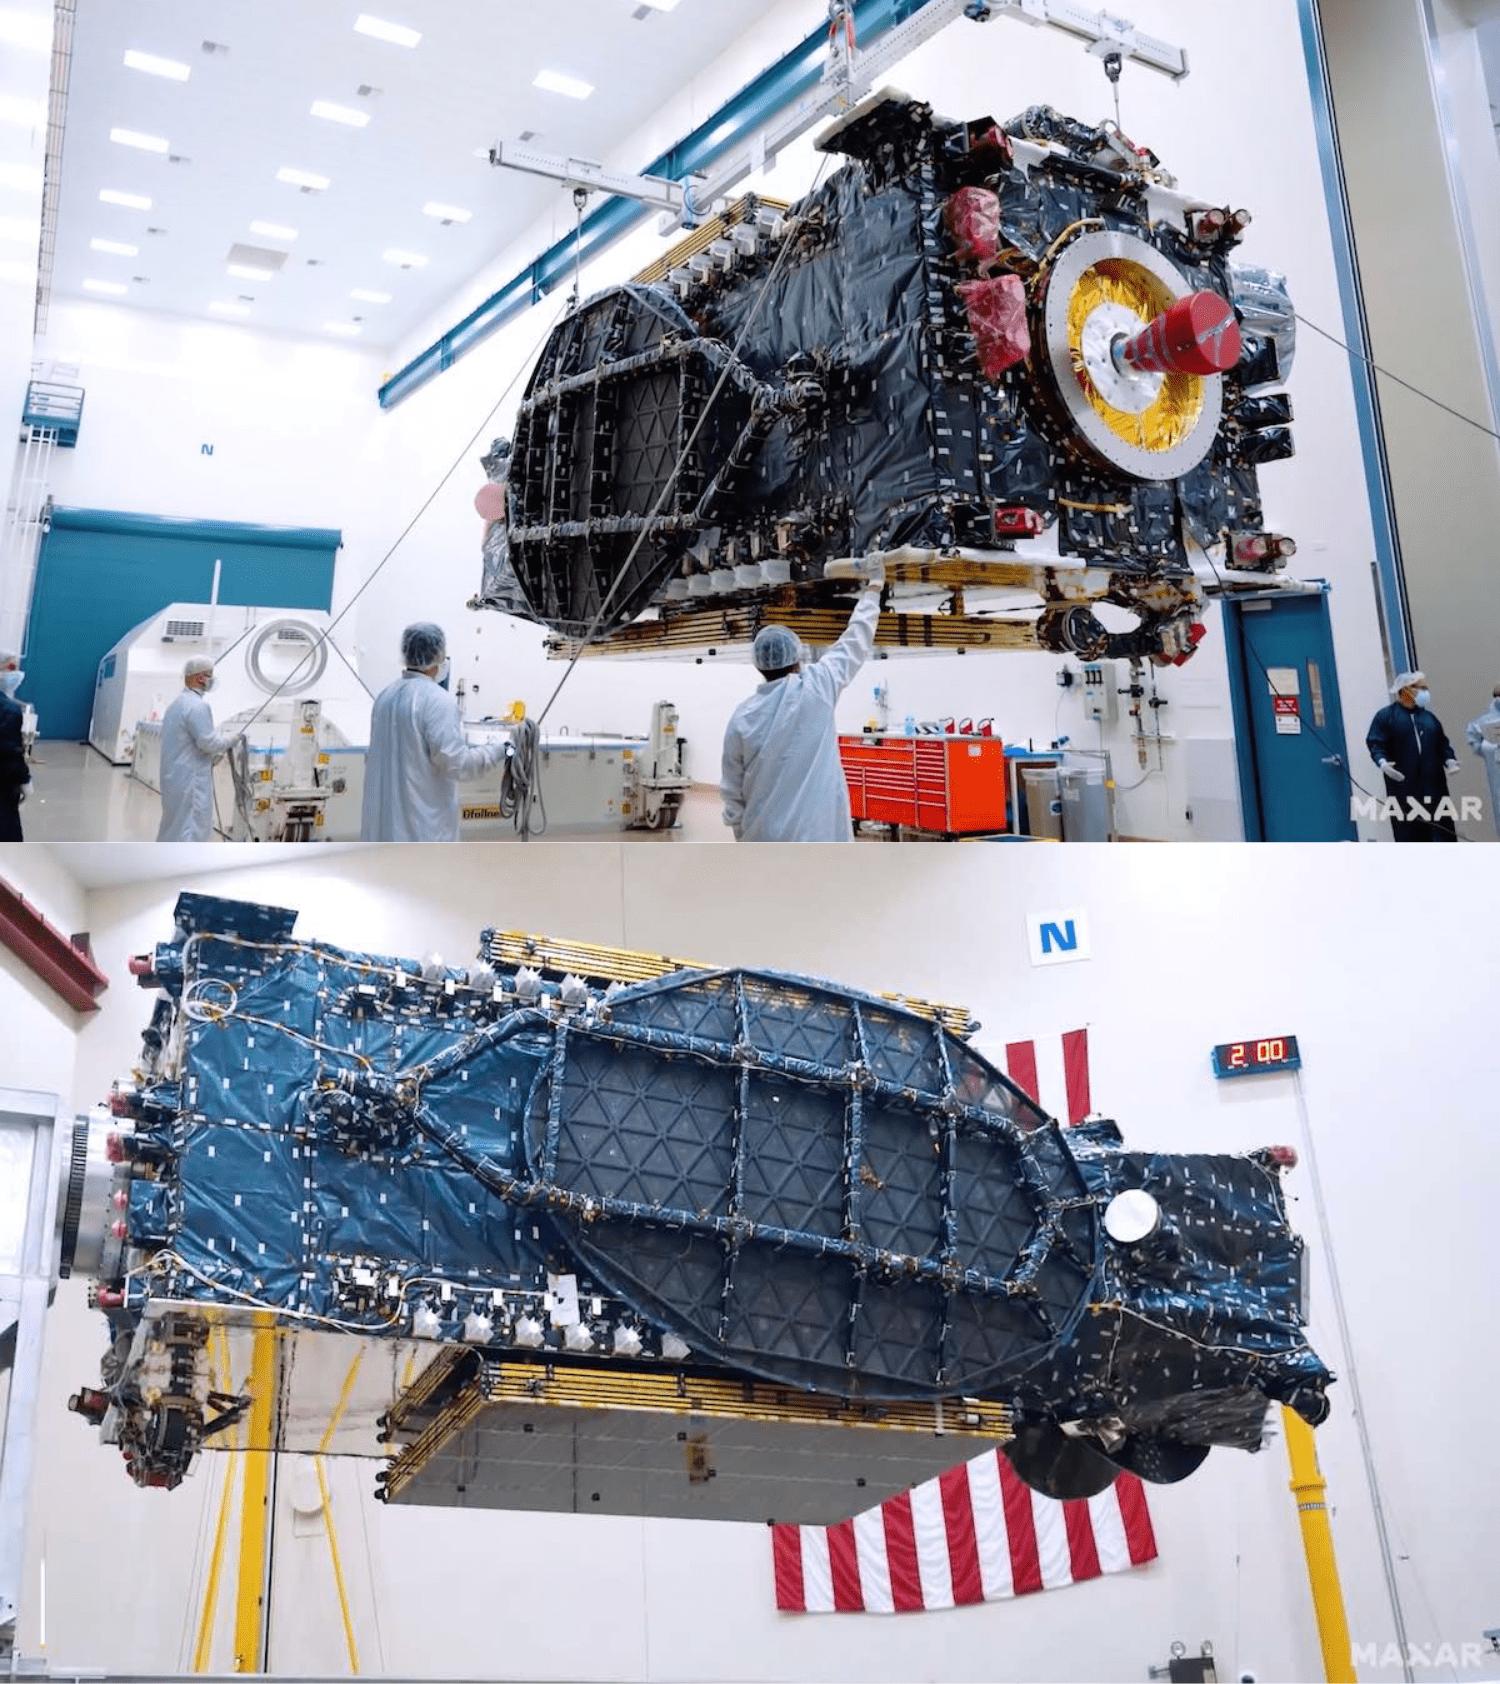 Il satellite SXM-8 durante la preparazione del lancio. Credits: Maxar Technologies.